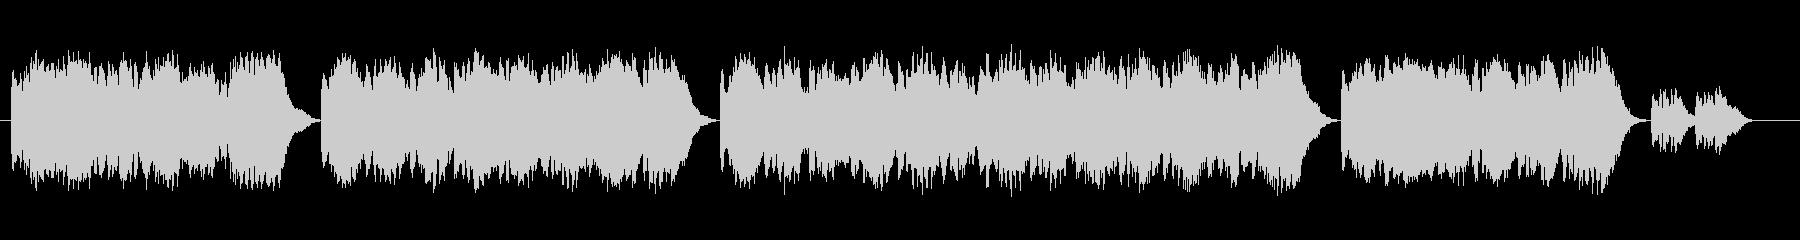 レクイエム的な悲しい雰囲気の弦楽曲の未再生の波形